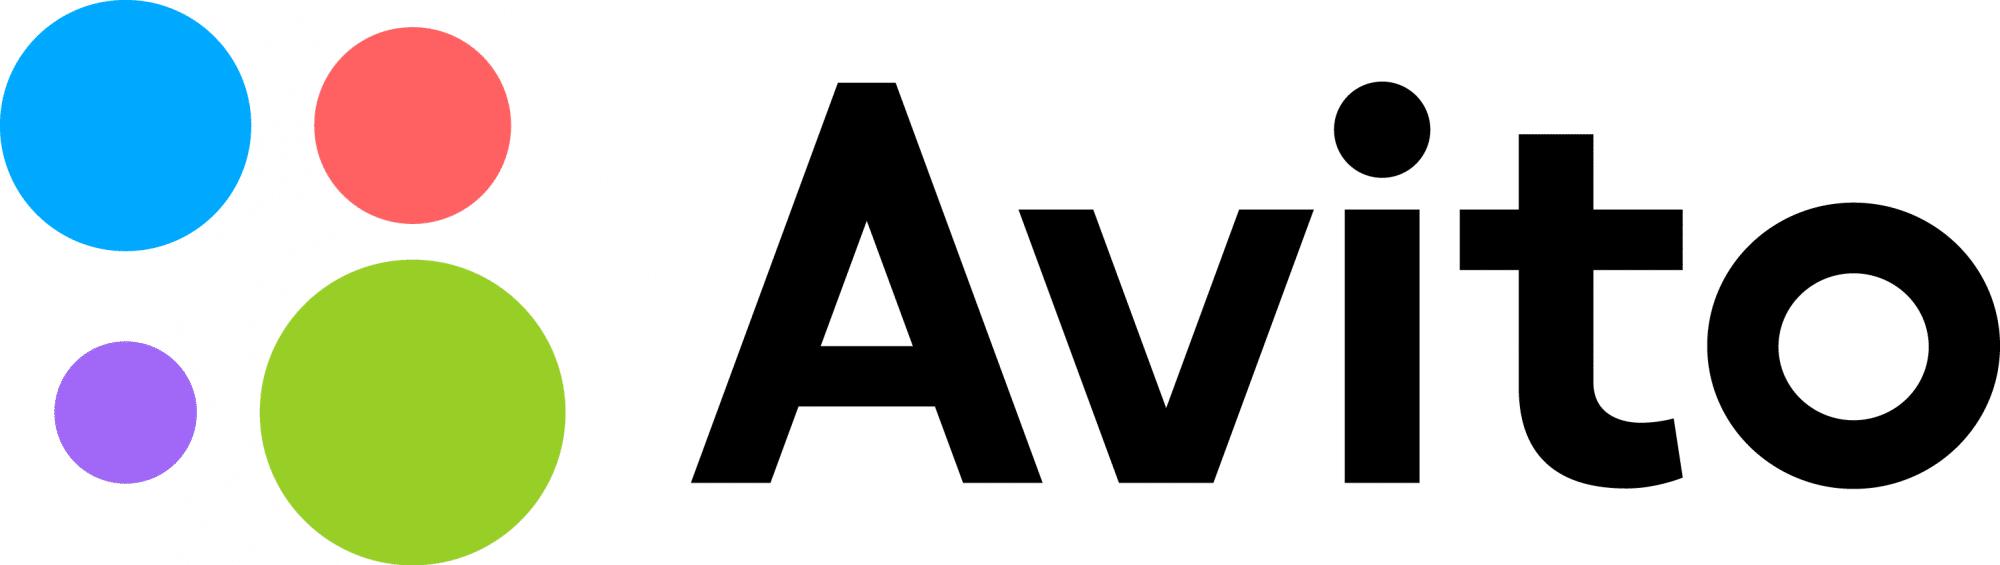 Логотип торговой площадки Авито